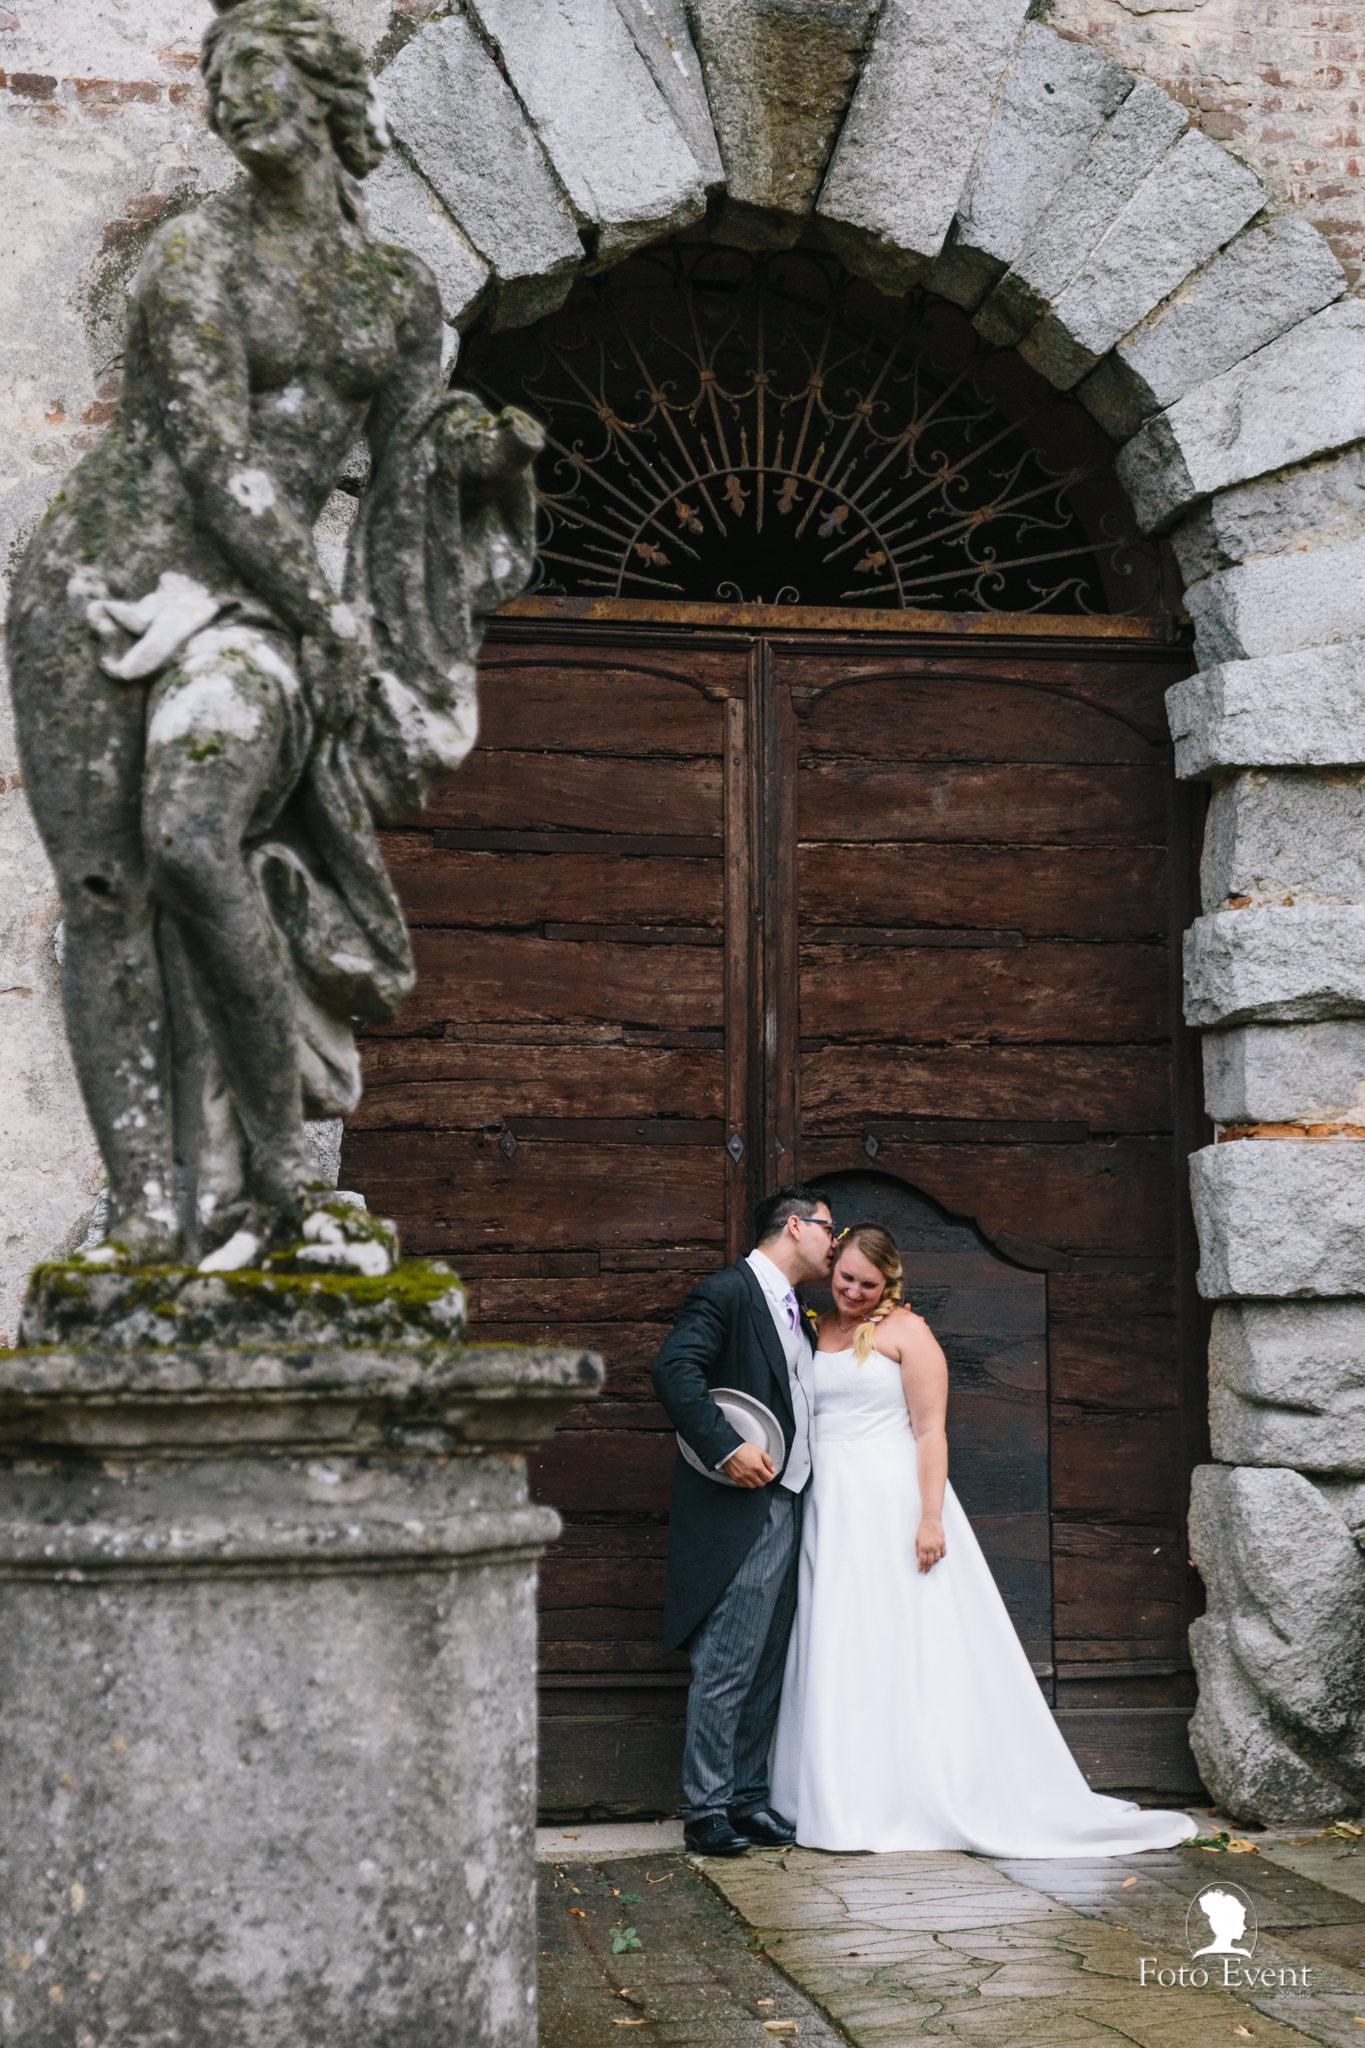 068-2019-07-27-Matrimonio-Valentina-e-Alessandro-Pettinari-5DE-1338